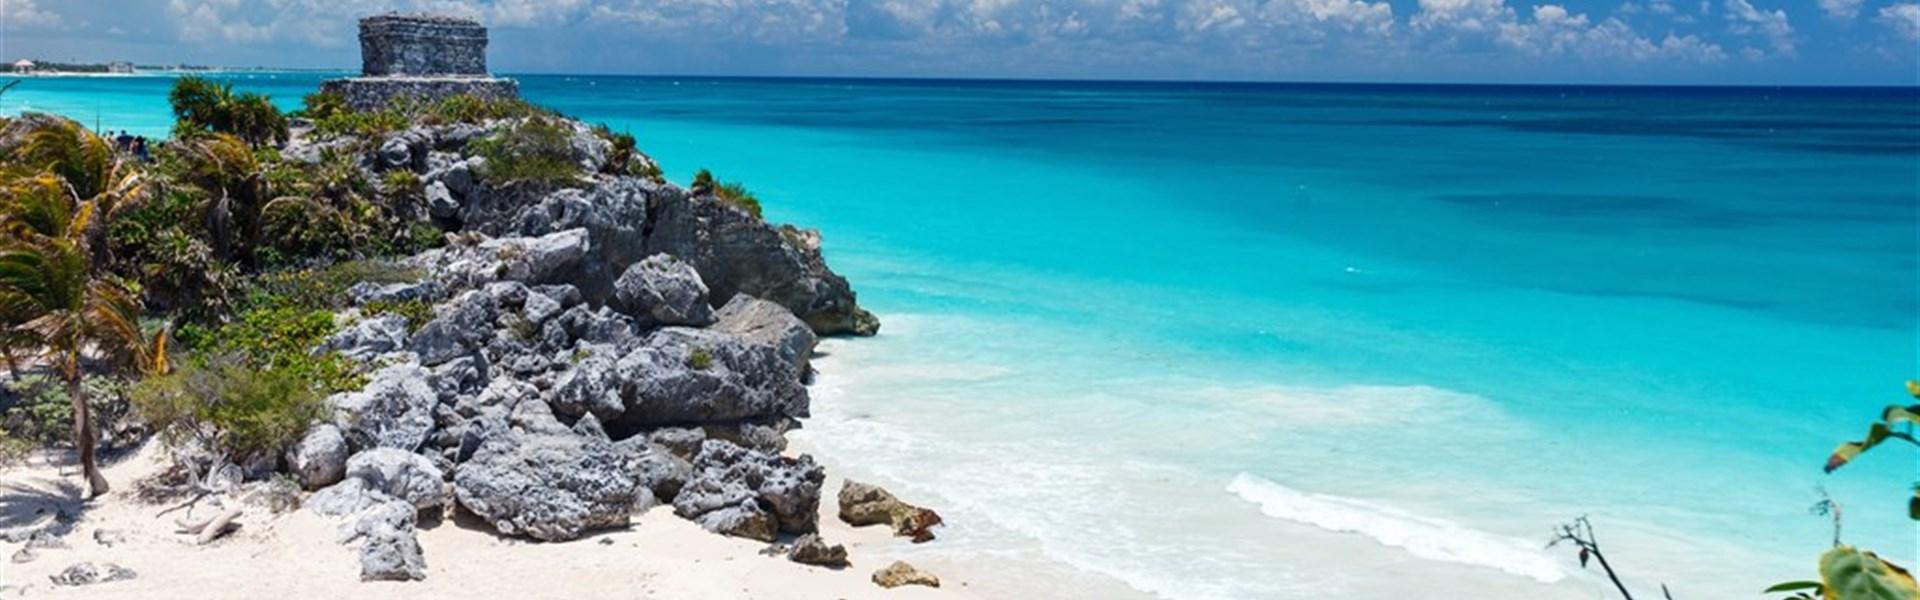 Mayské poklady Yucatanu a pobyt u moře -